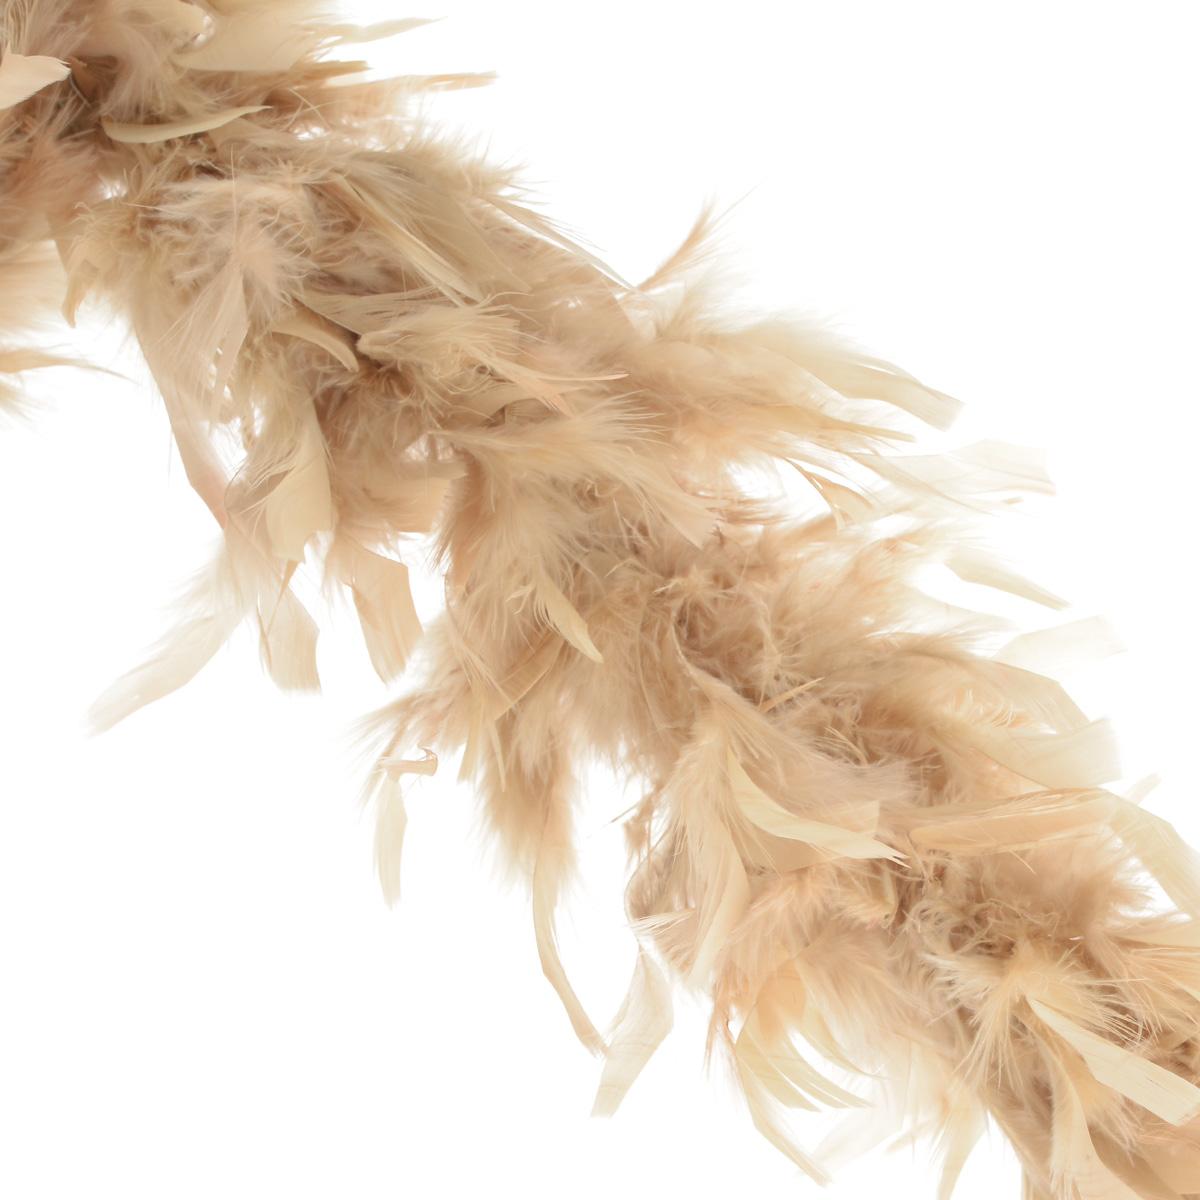 Боа, цвет: бежевый (132), 1,8 м, 50 г. 529055_132529055_132Боа изготовлен из натурального пуха. Боа используются рукодельницами для украшения различных нарядов - от вечерних платьев до театральных костюмов. Одежда, в которой применяется боа, отличается своей нарядностью и яркостью. Сам пух по ощущениям очень приятен, легок и вызывает праздничное настроение. Пух можно использовать как флористический аксессуар, подчеркивая красоту фактурных композиций, контрастируя с гладкими листьями или лепестками. Материал: натуральный пух. Длина: 1,8 м. Вес: 50 г.